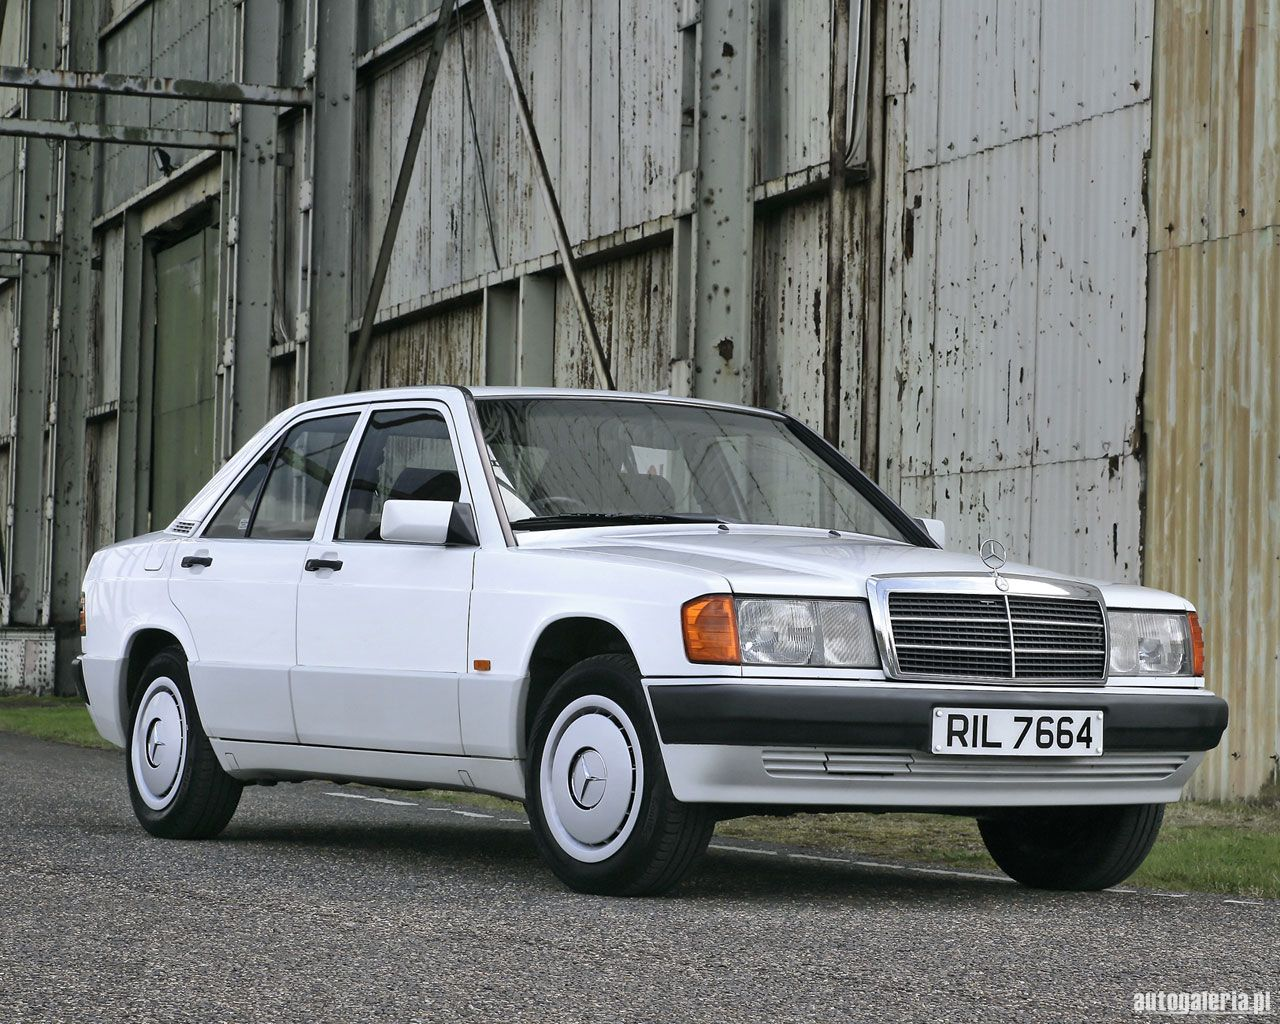 Suche nach mercedes benz e 190 deine for Mercedes benz search